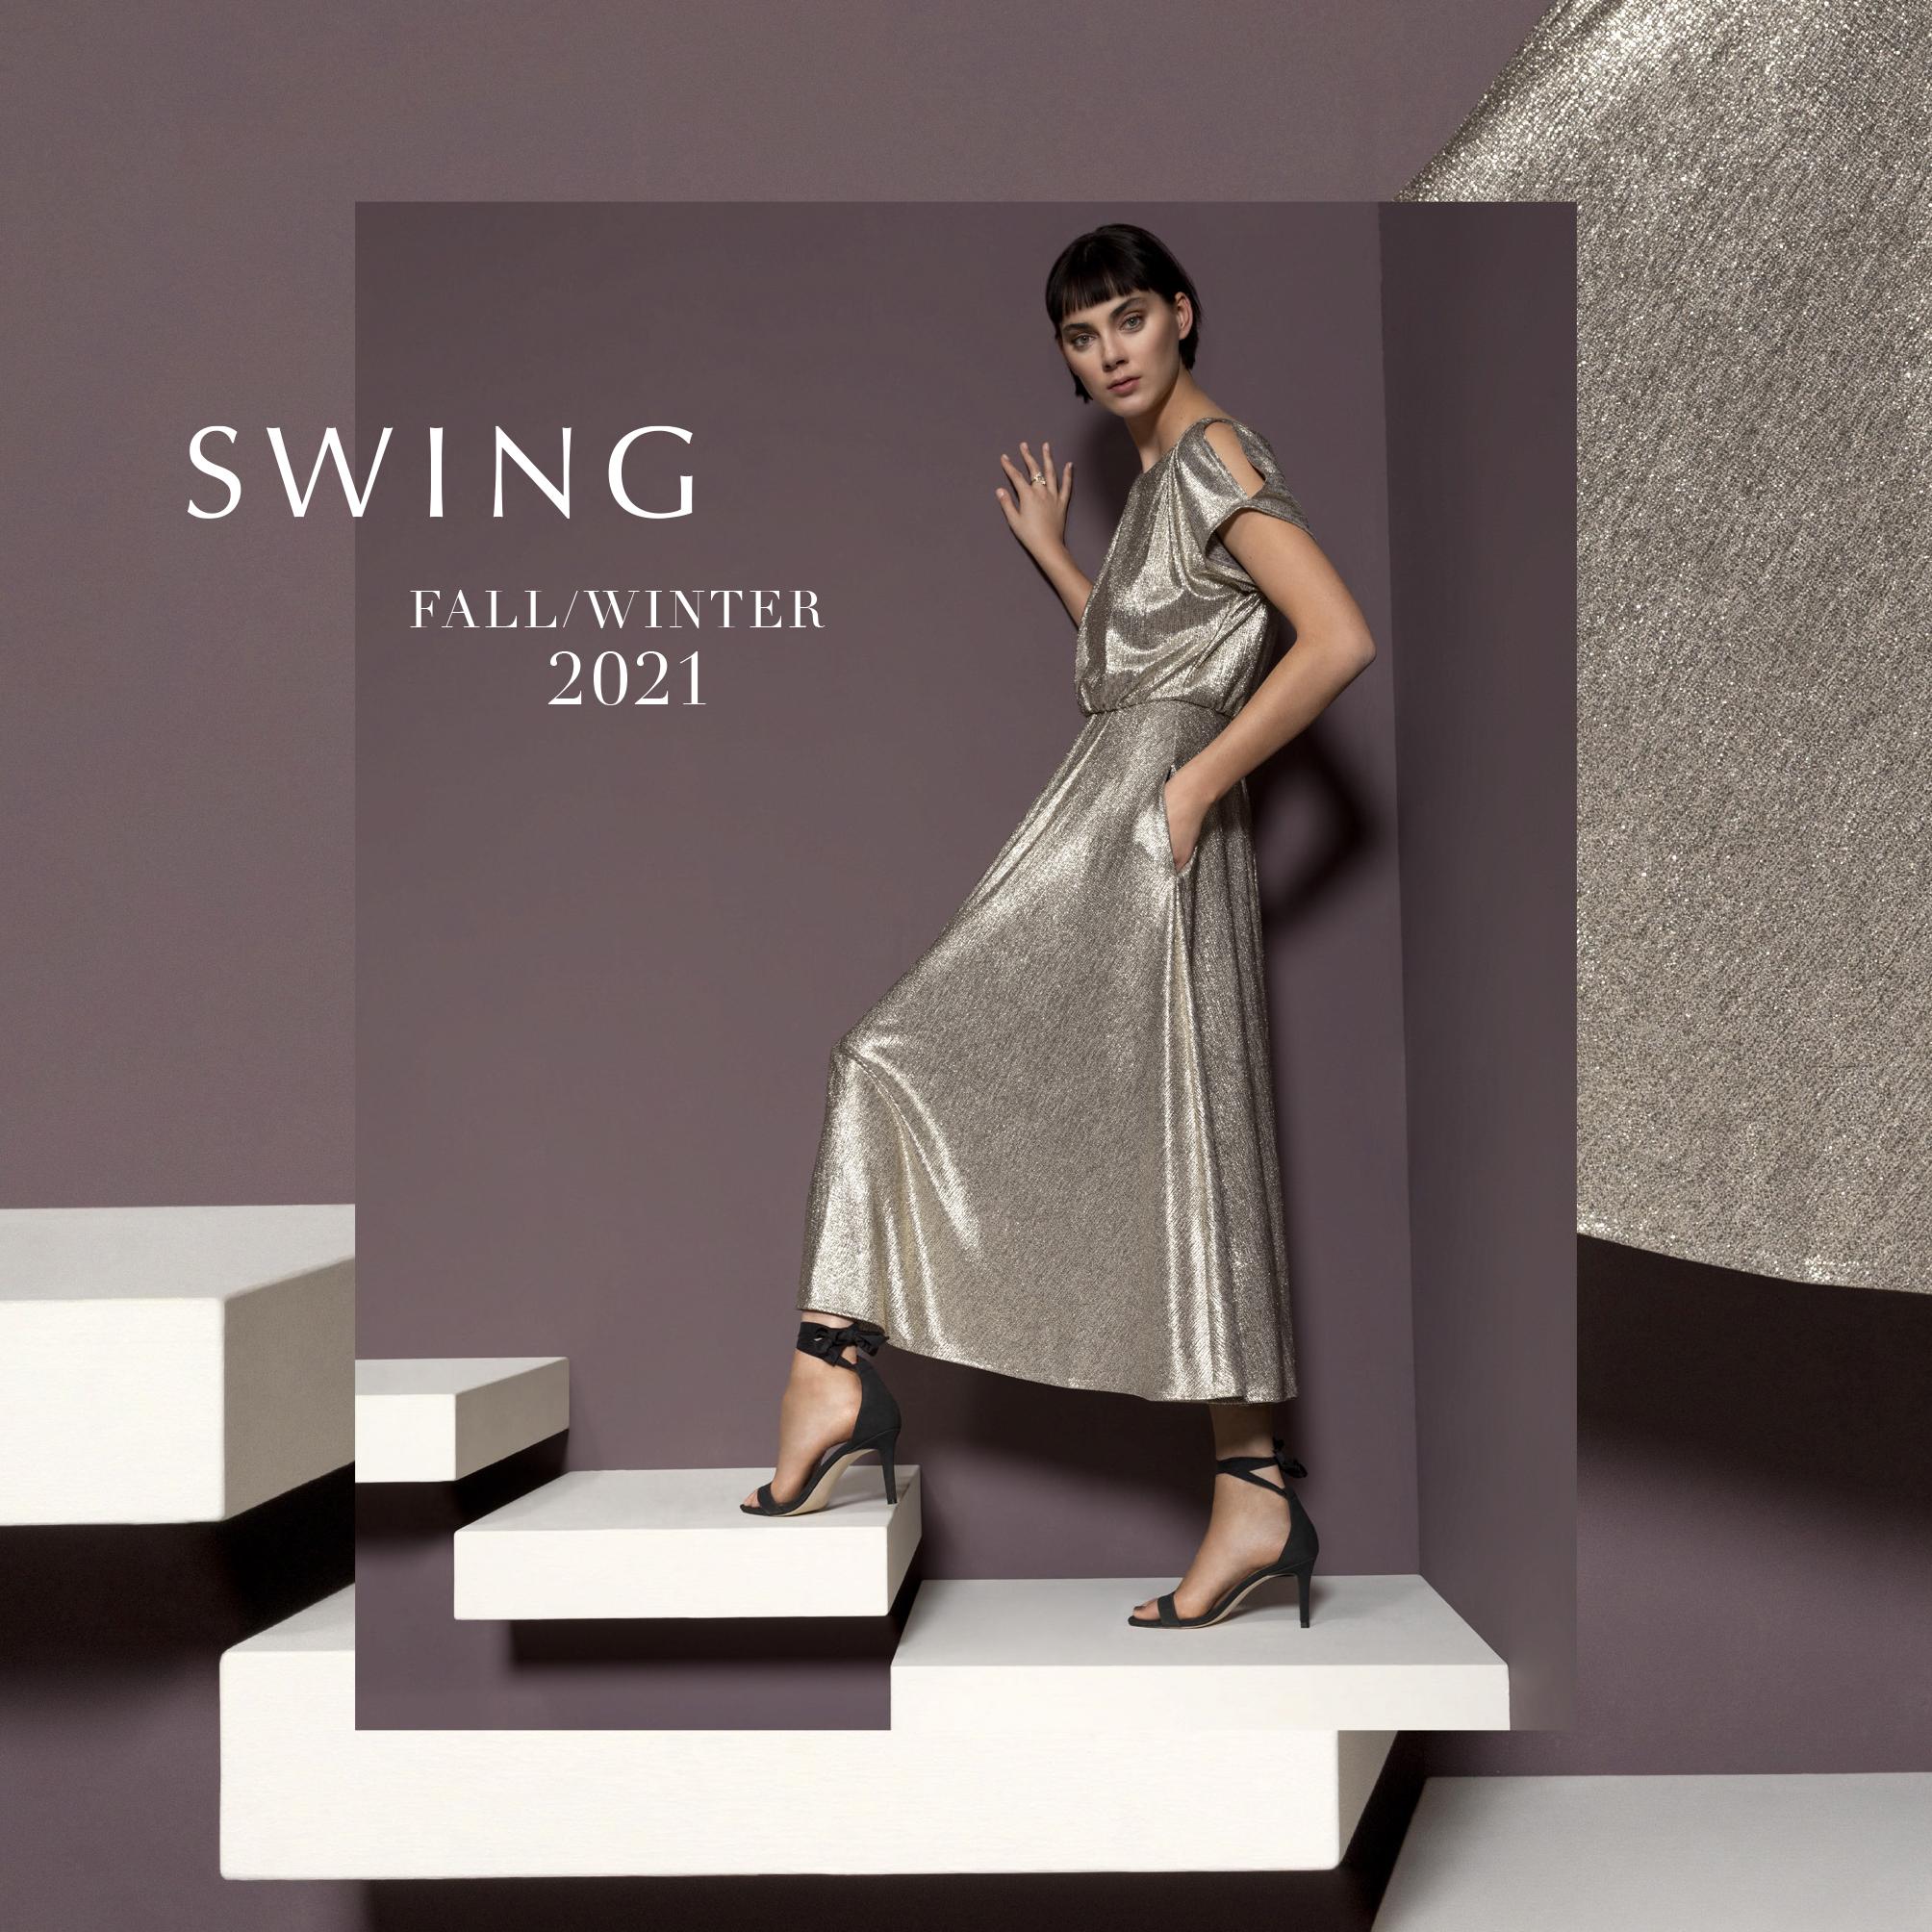 Swing Image A/W 2021